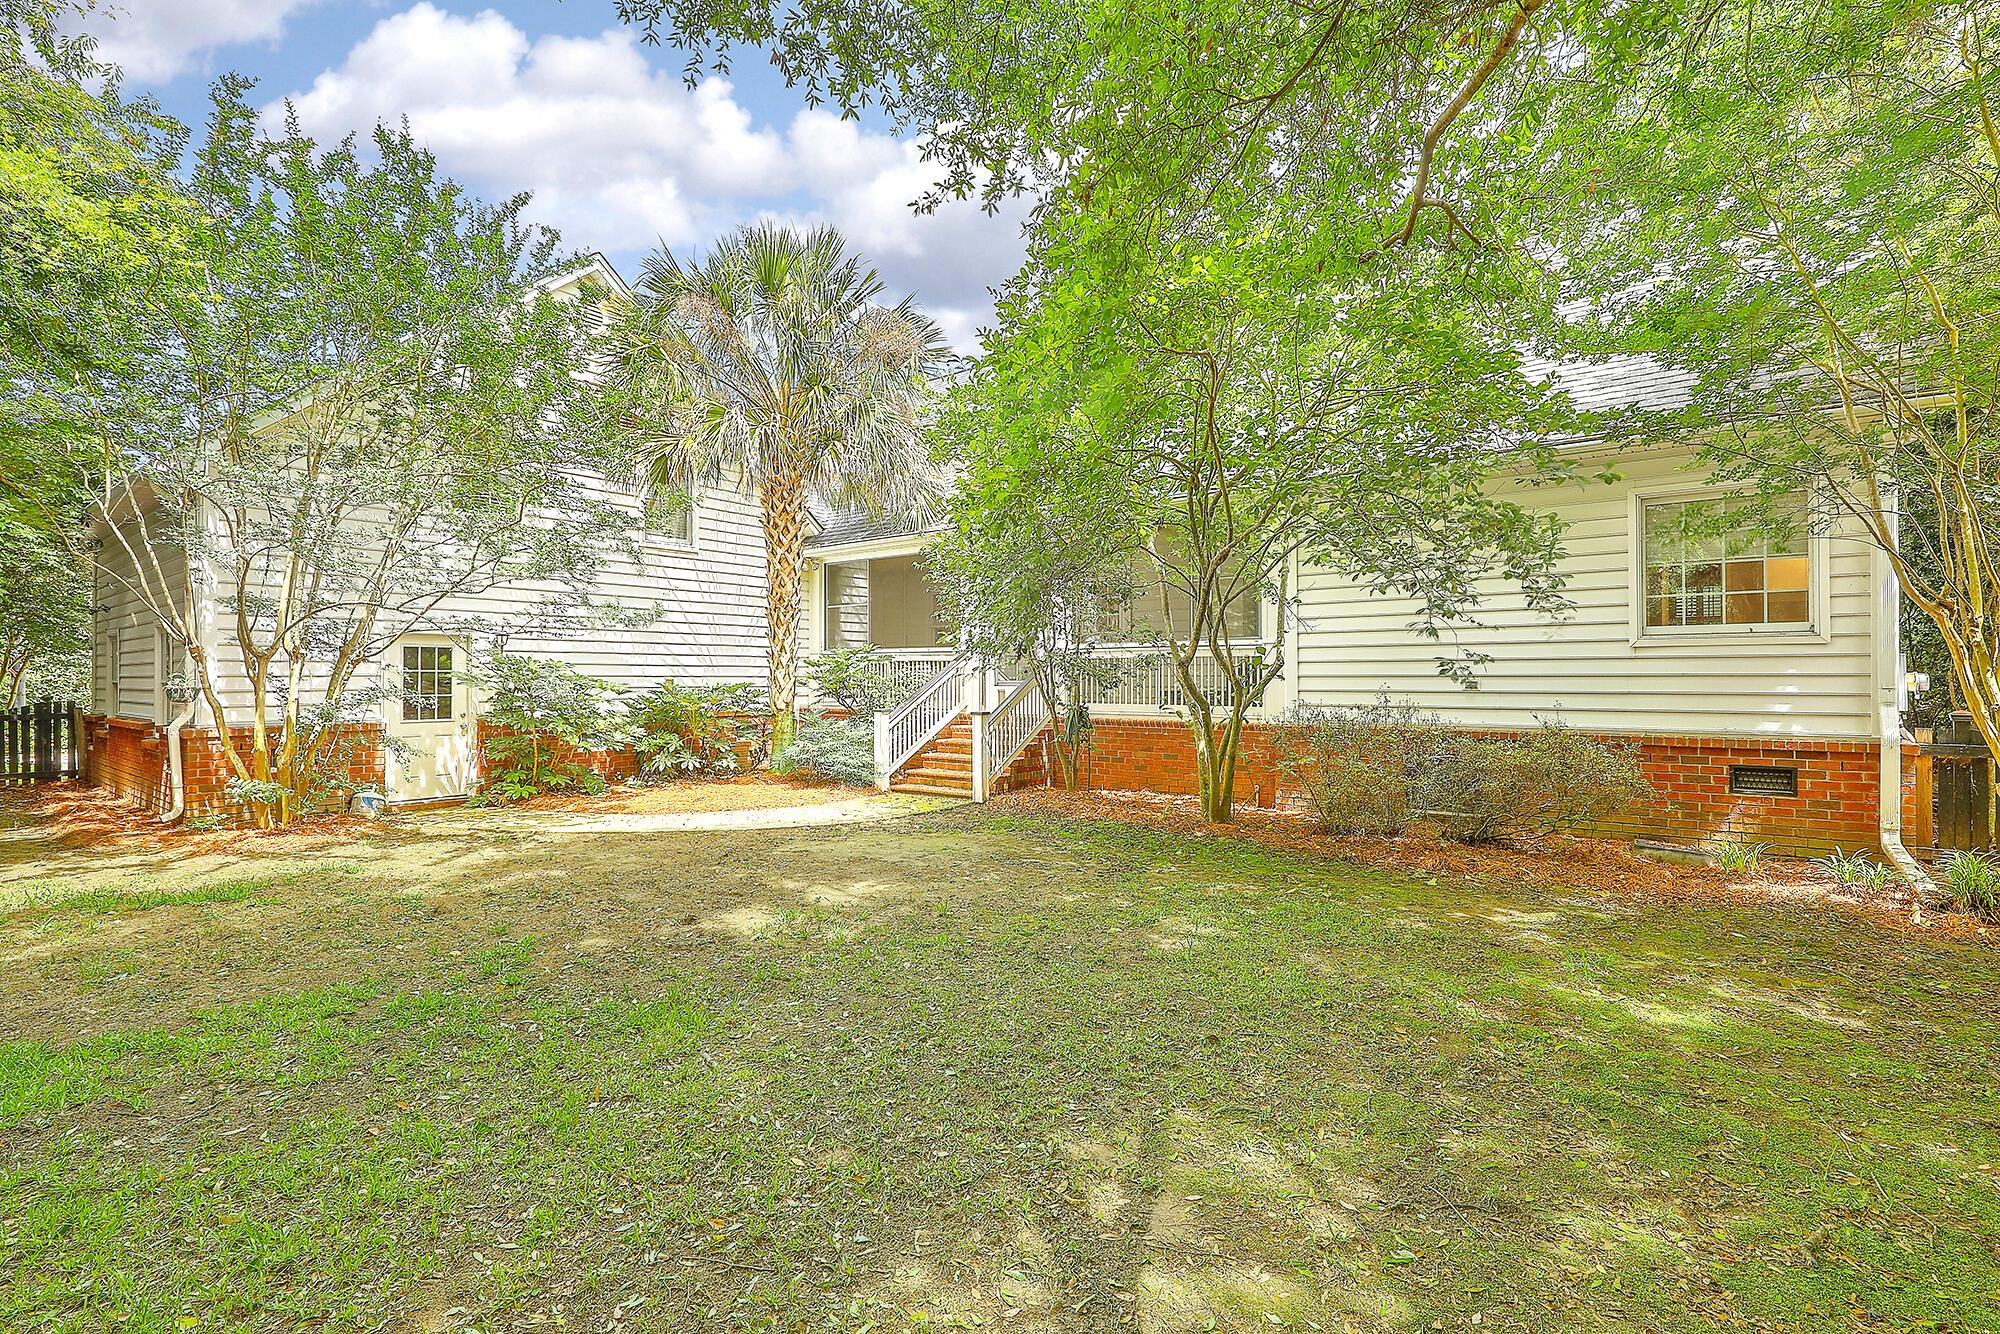 Stiles Point Plantation Homes For Sale - 816 Whispering Marsh, Charleston, SC - 3